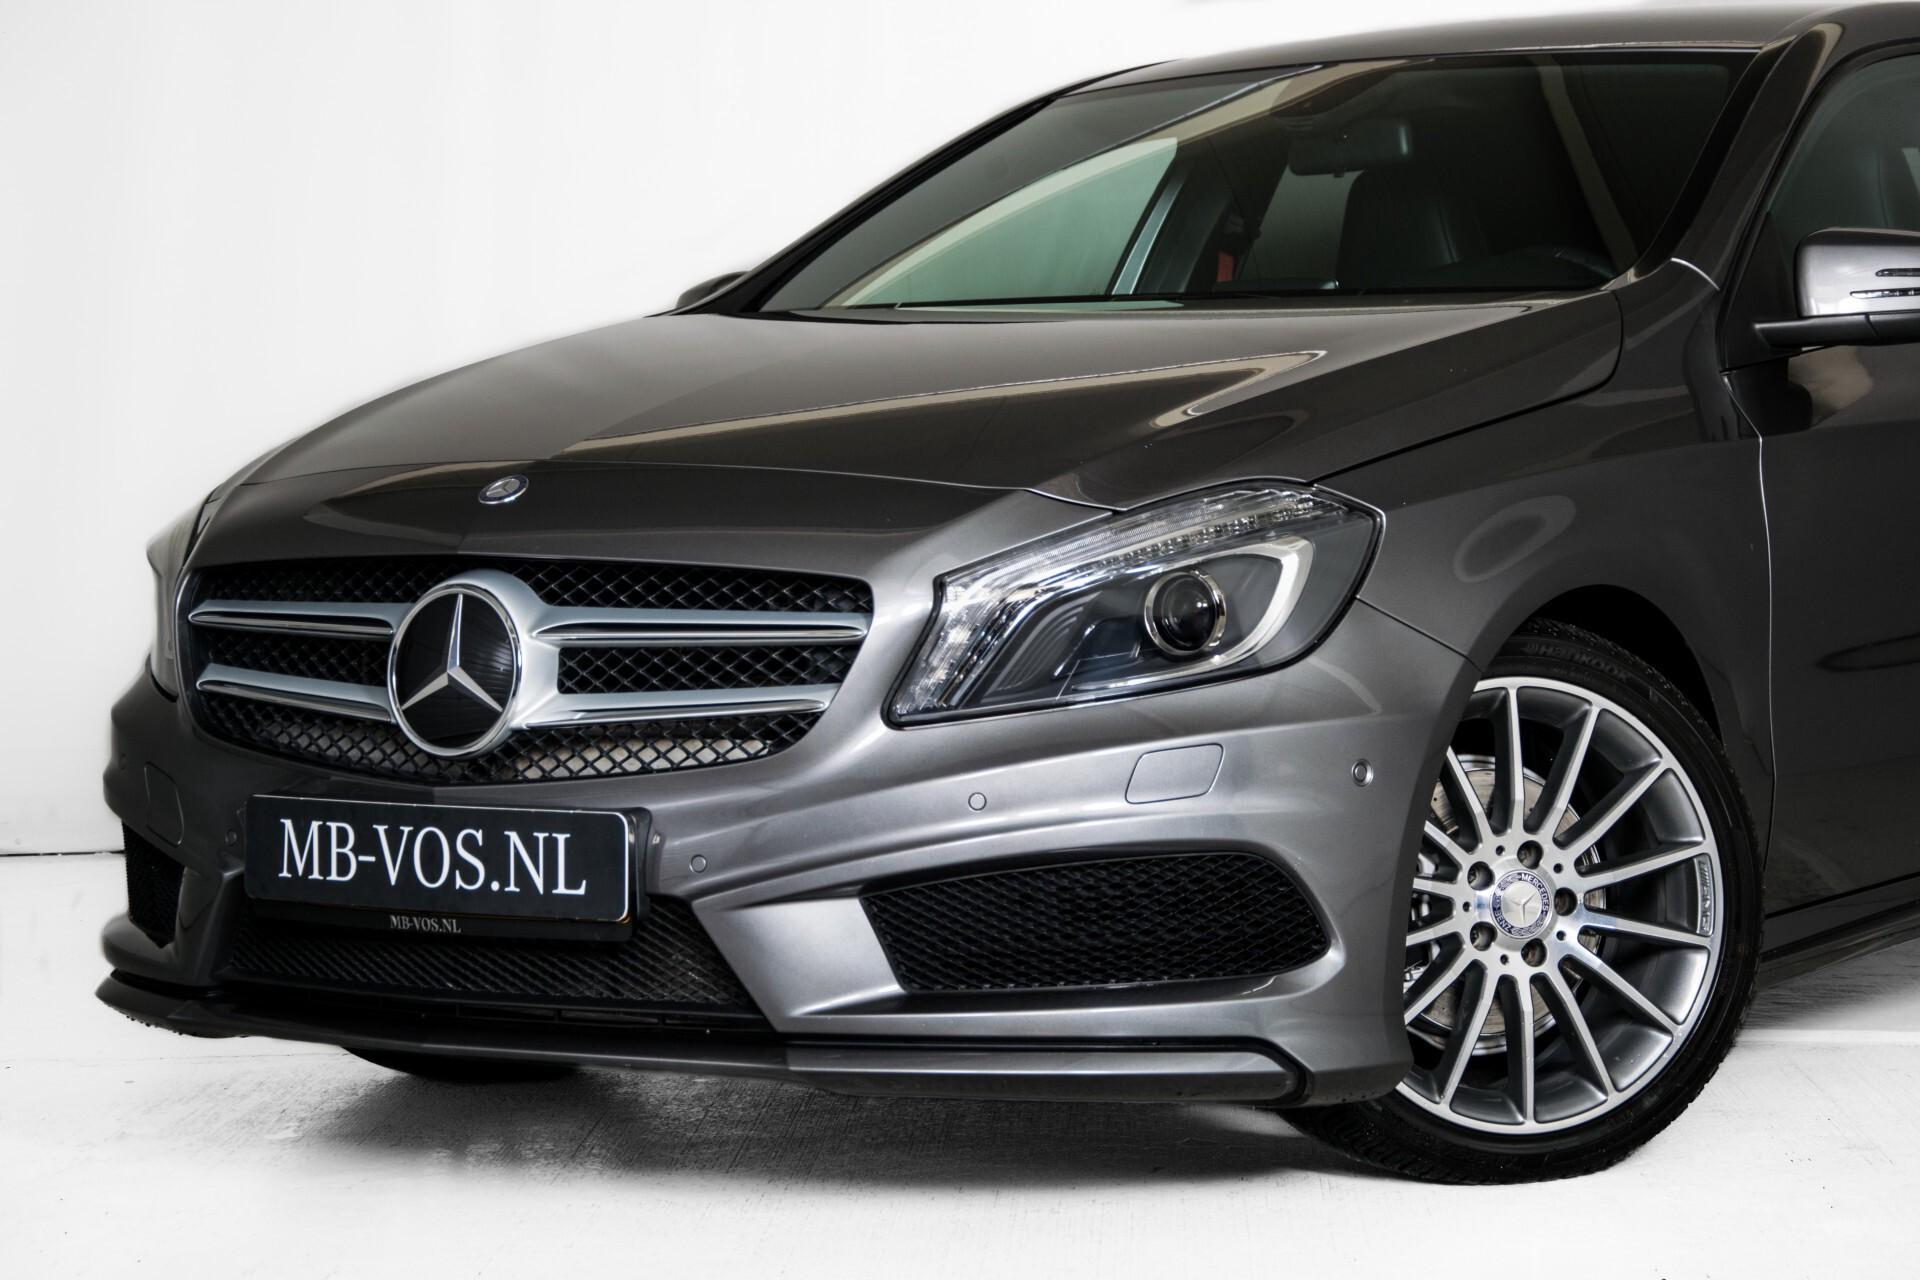 Mercedes-Benz A-Klasse 180 AMG Dynamic Handling/Camera/Xenon/Navi/Privacy Aut7 Foto 46